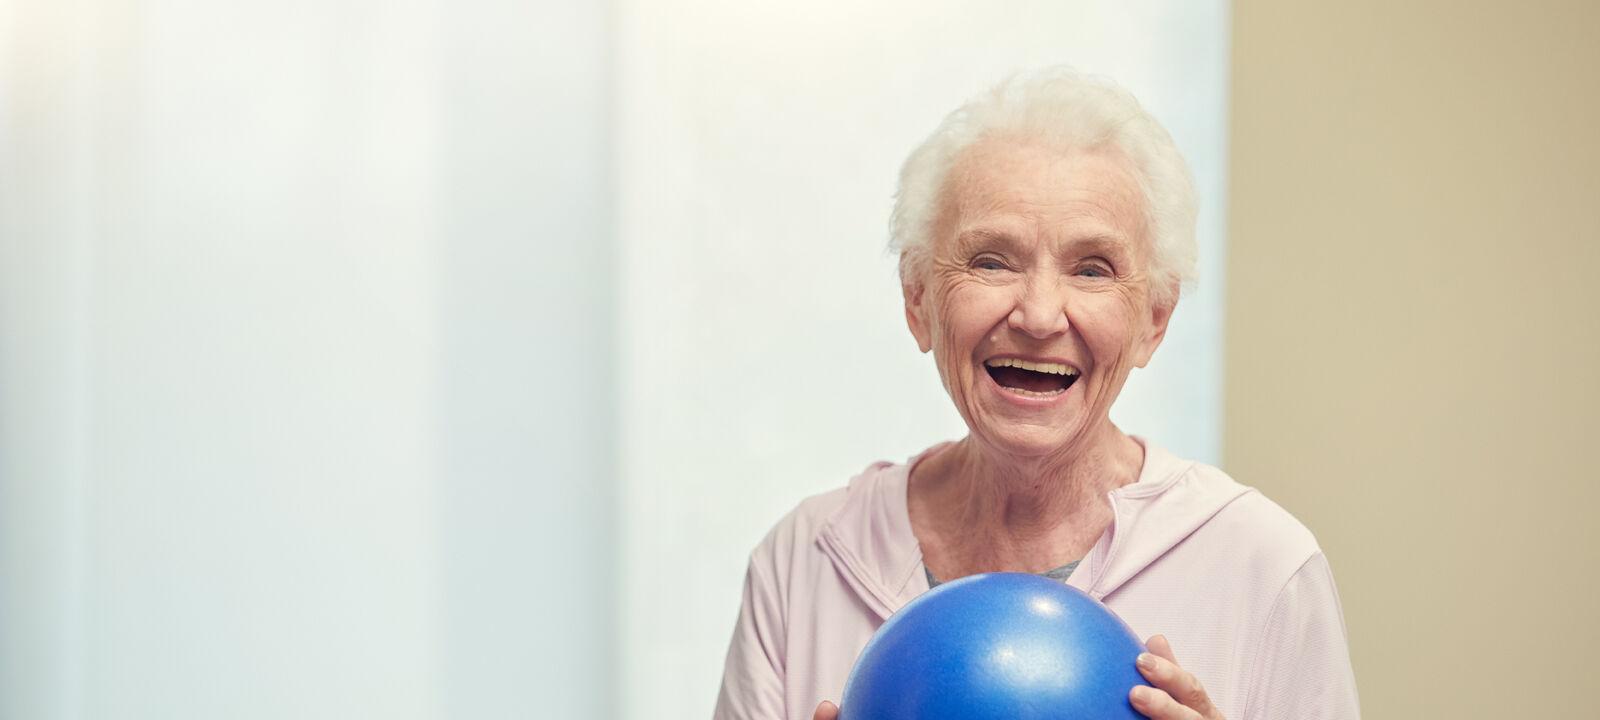 Female resident holding exercise ball